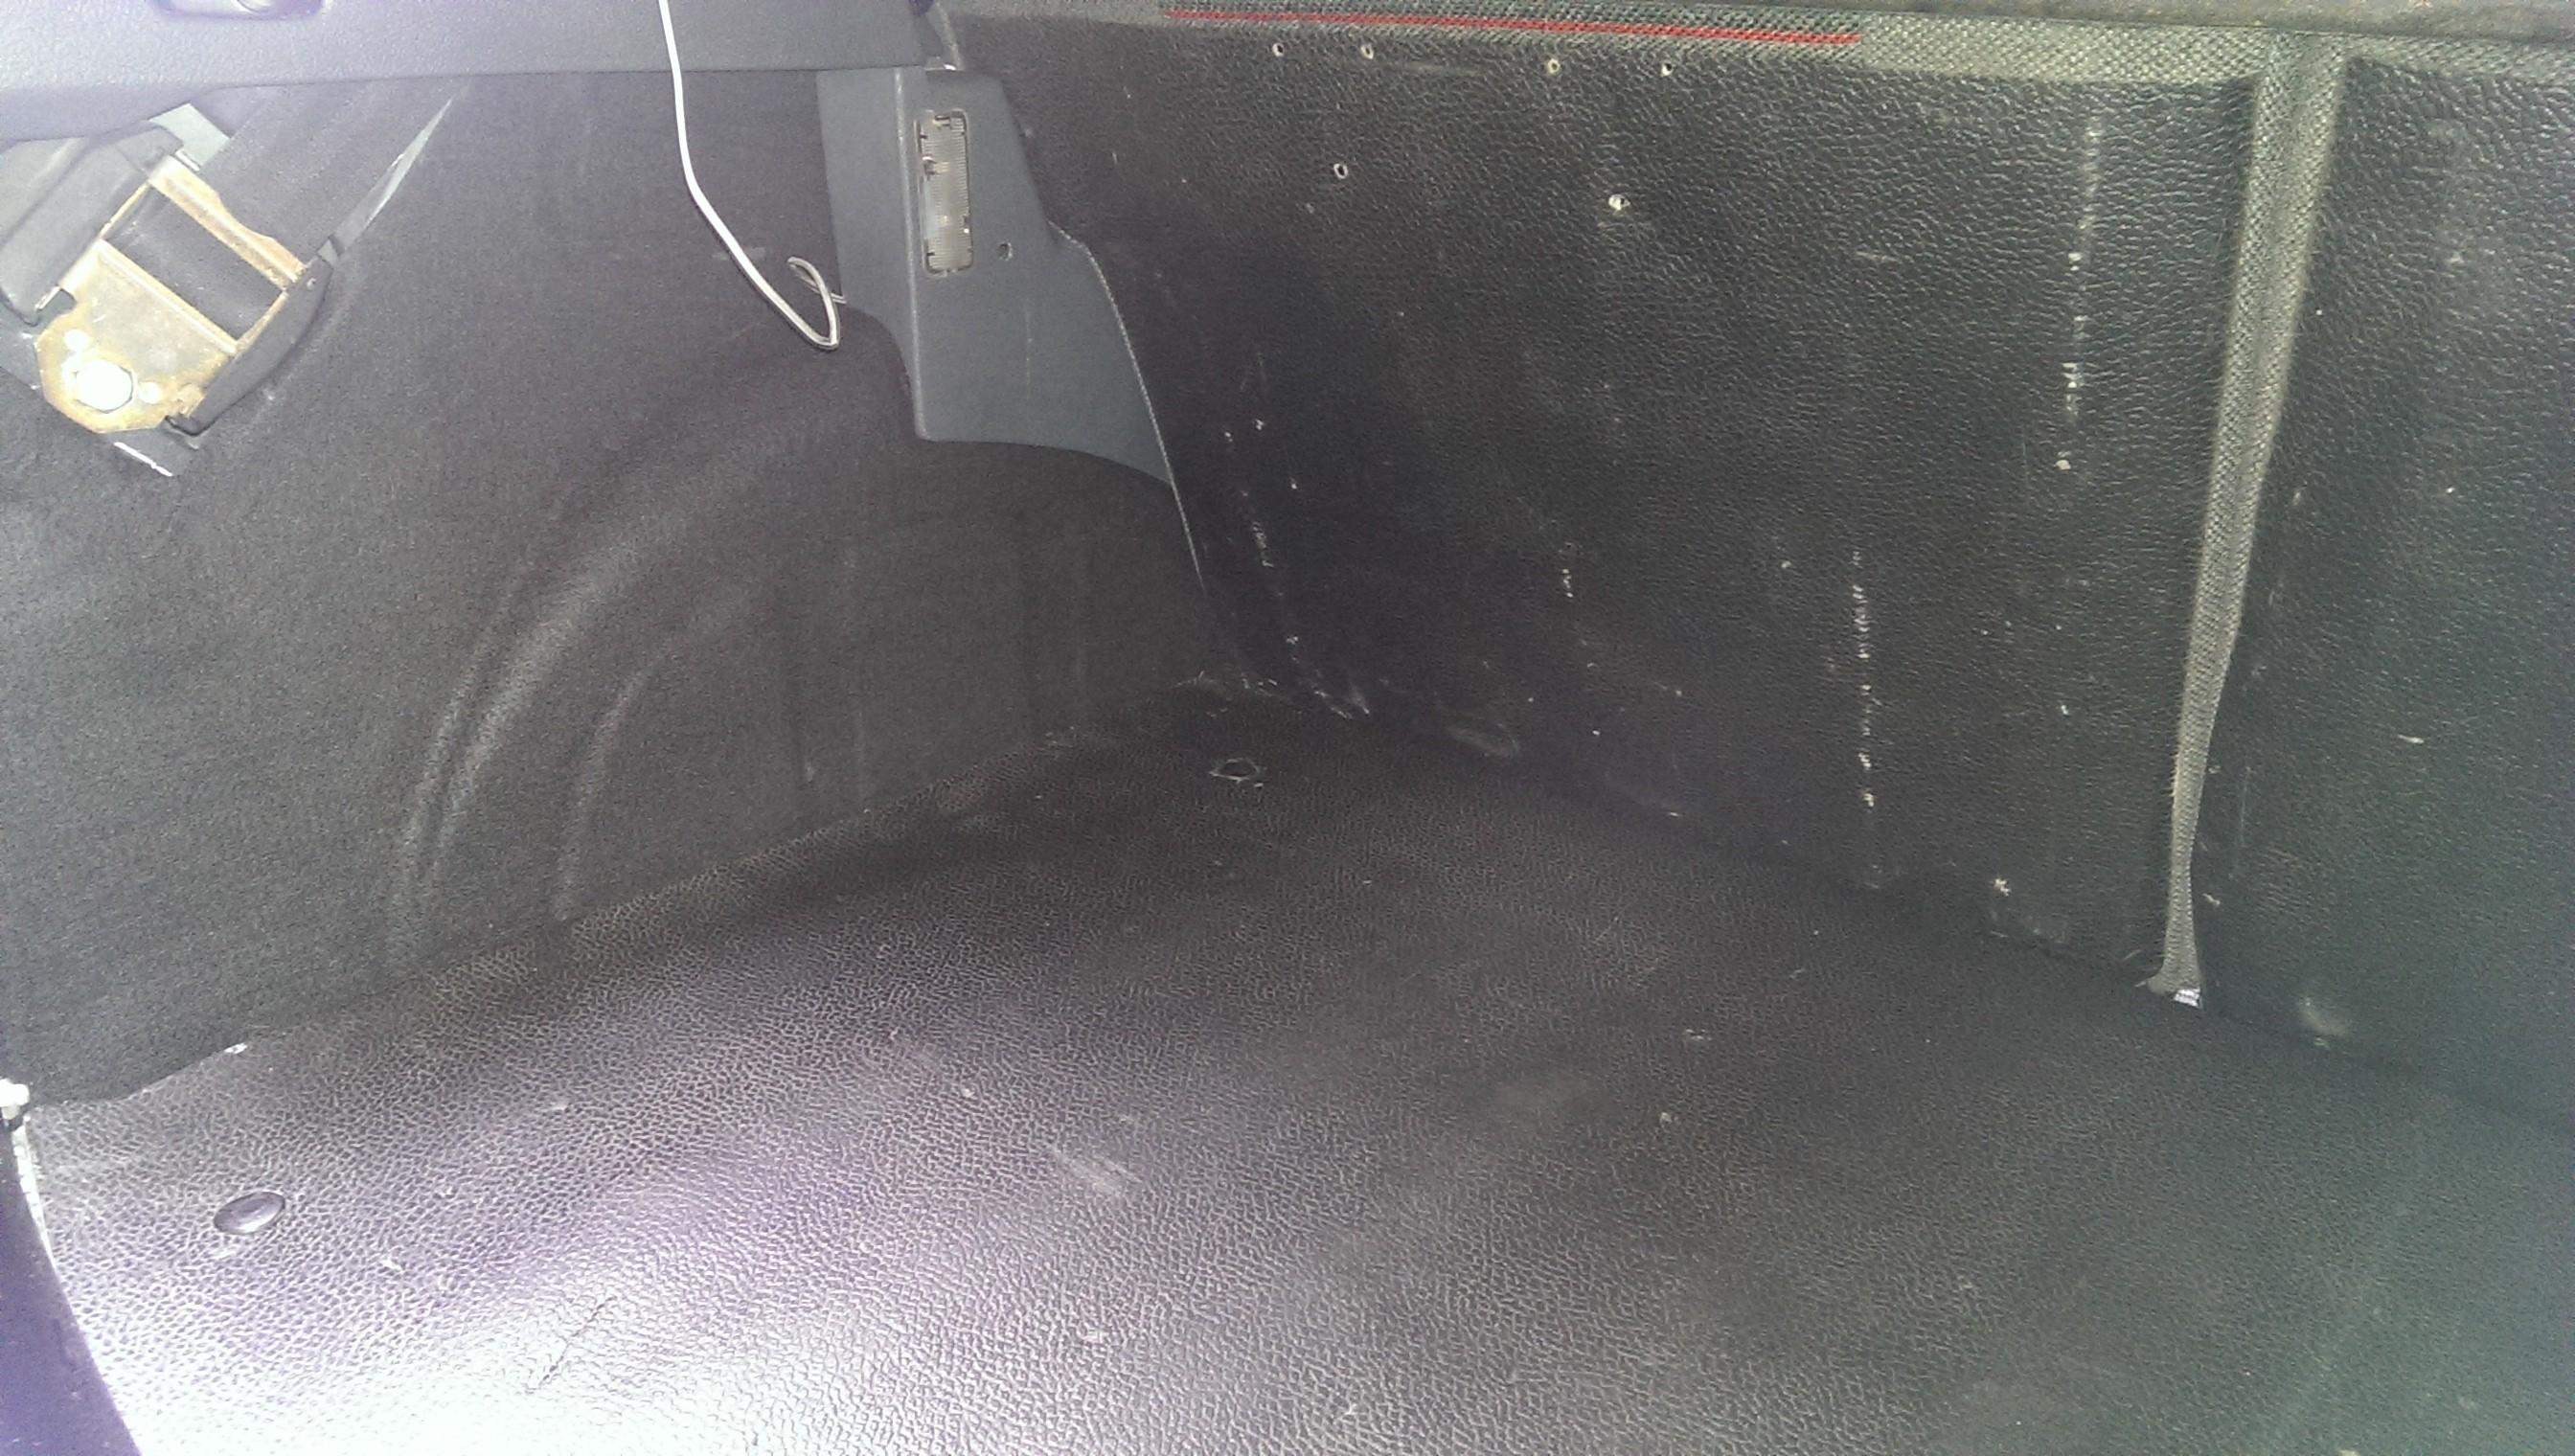 [toreto04] 205 GTI 1.6L - Gris Graphite - 1988 - Page 3 7yb7